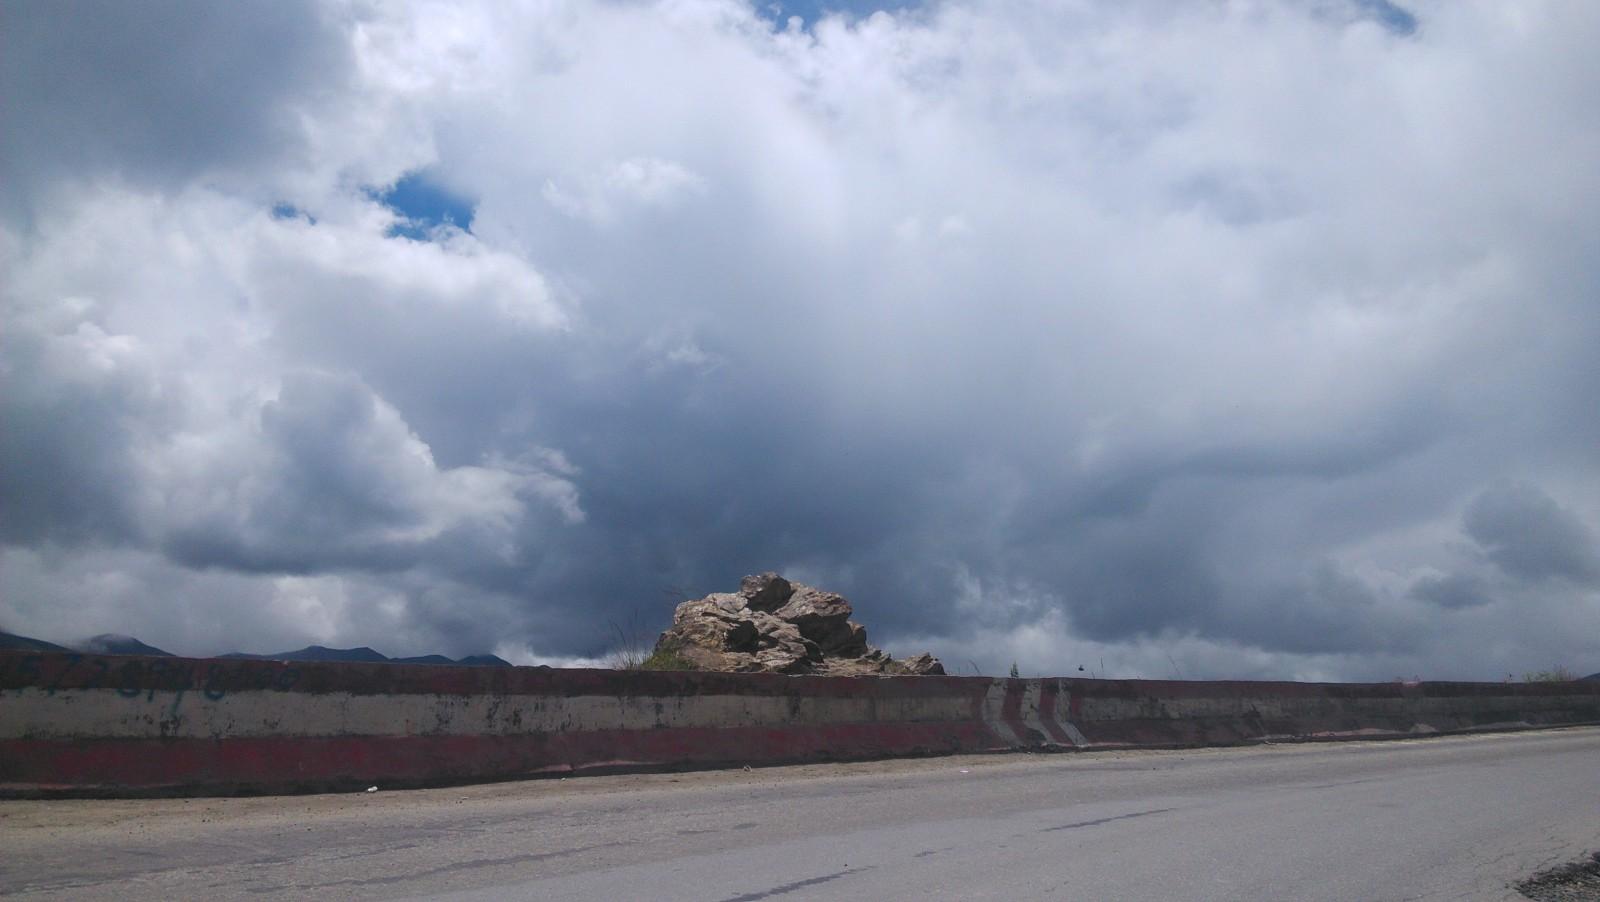 路边的石堆